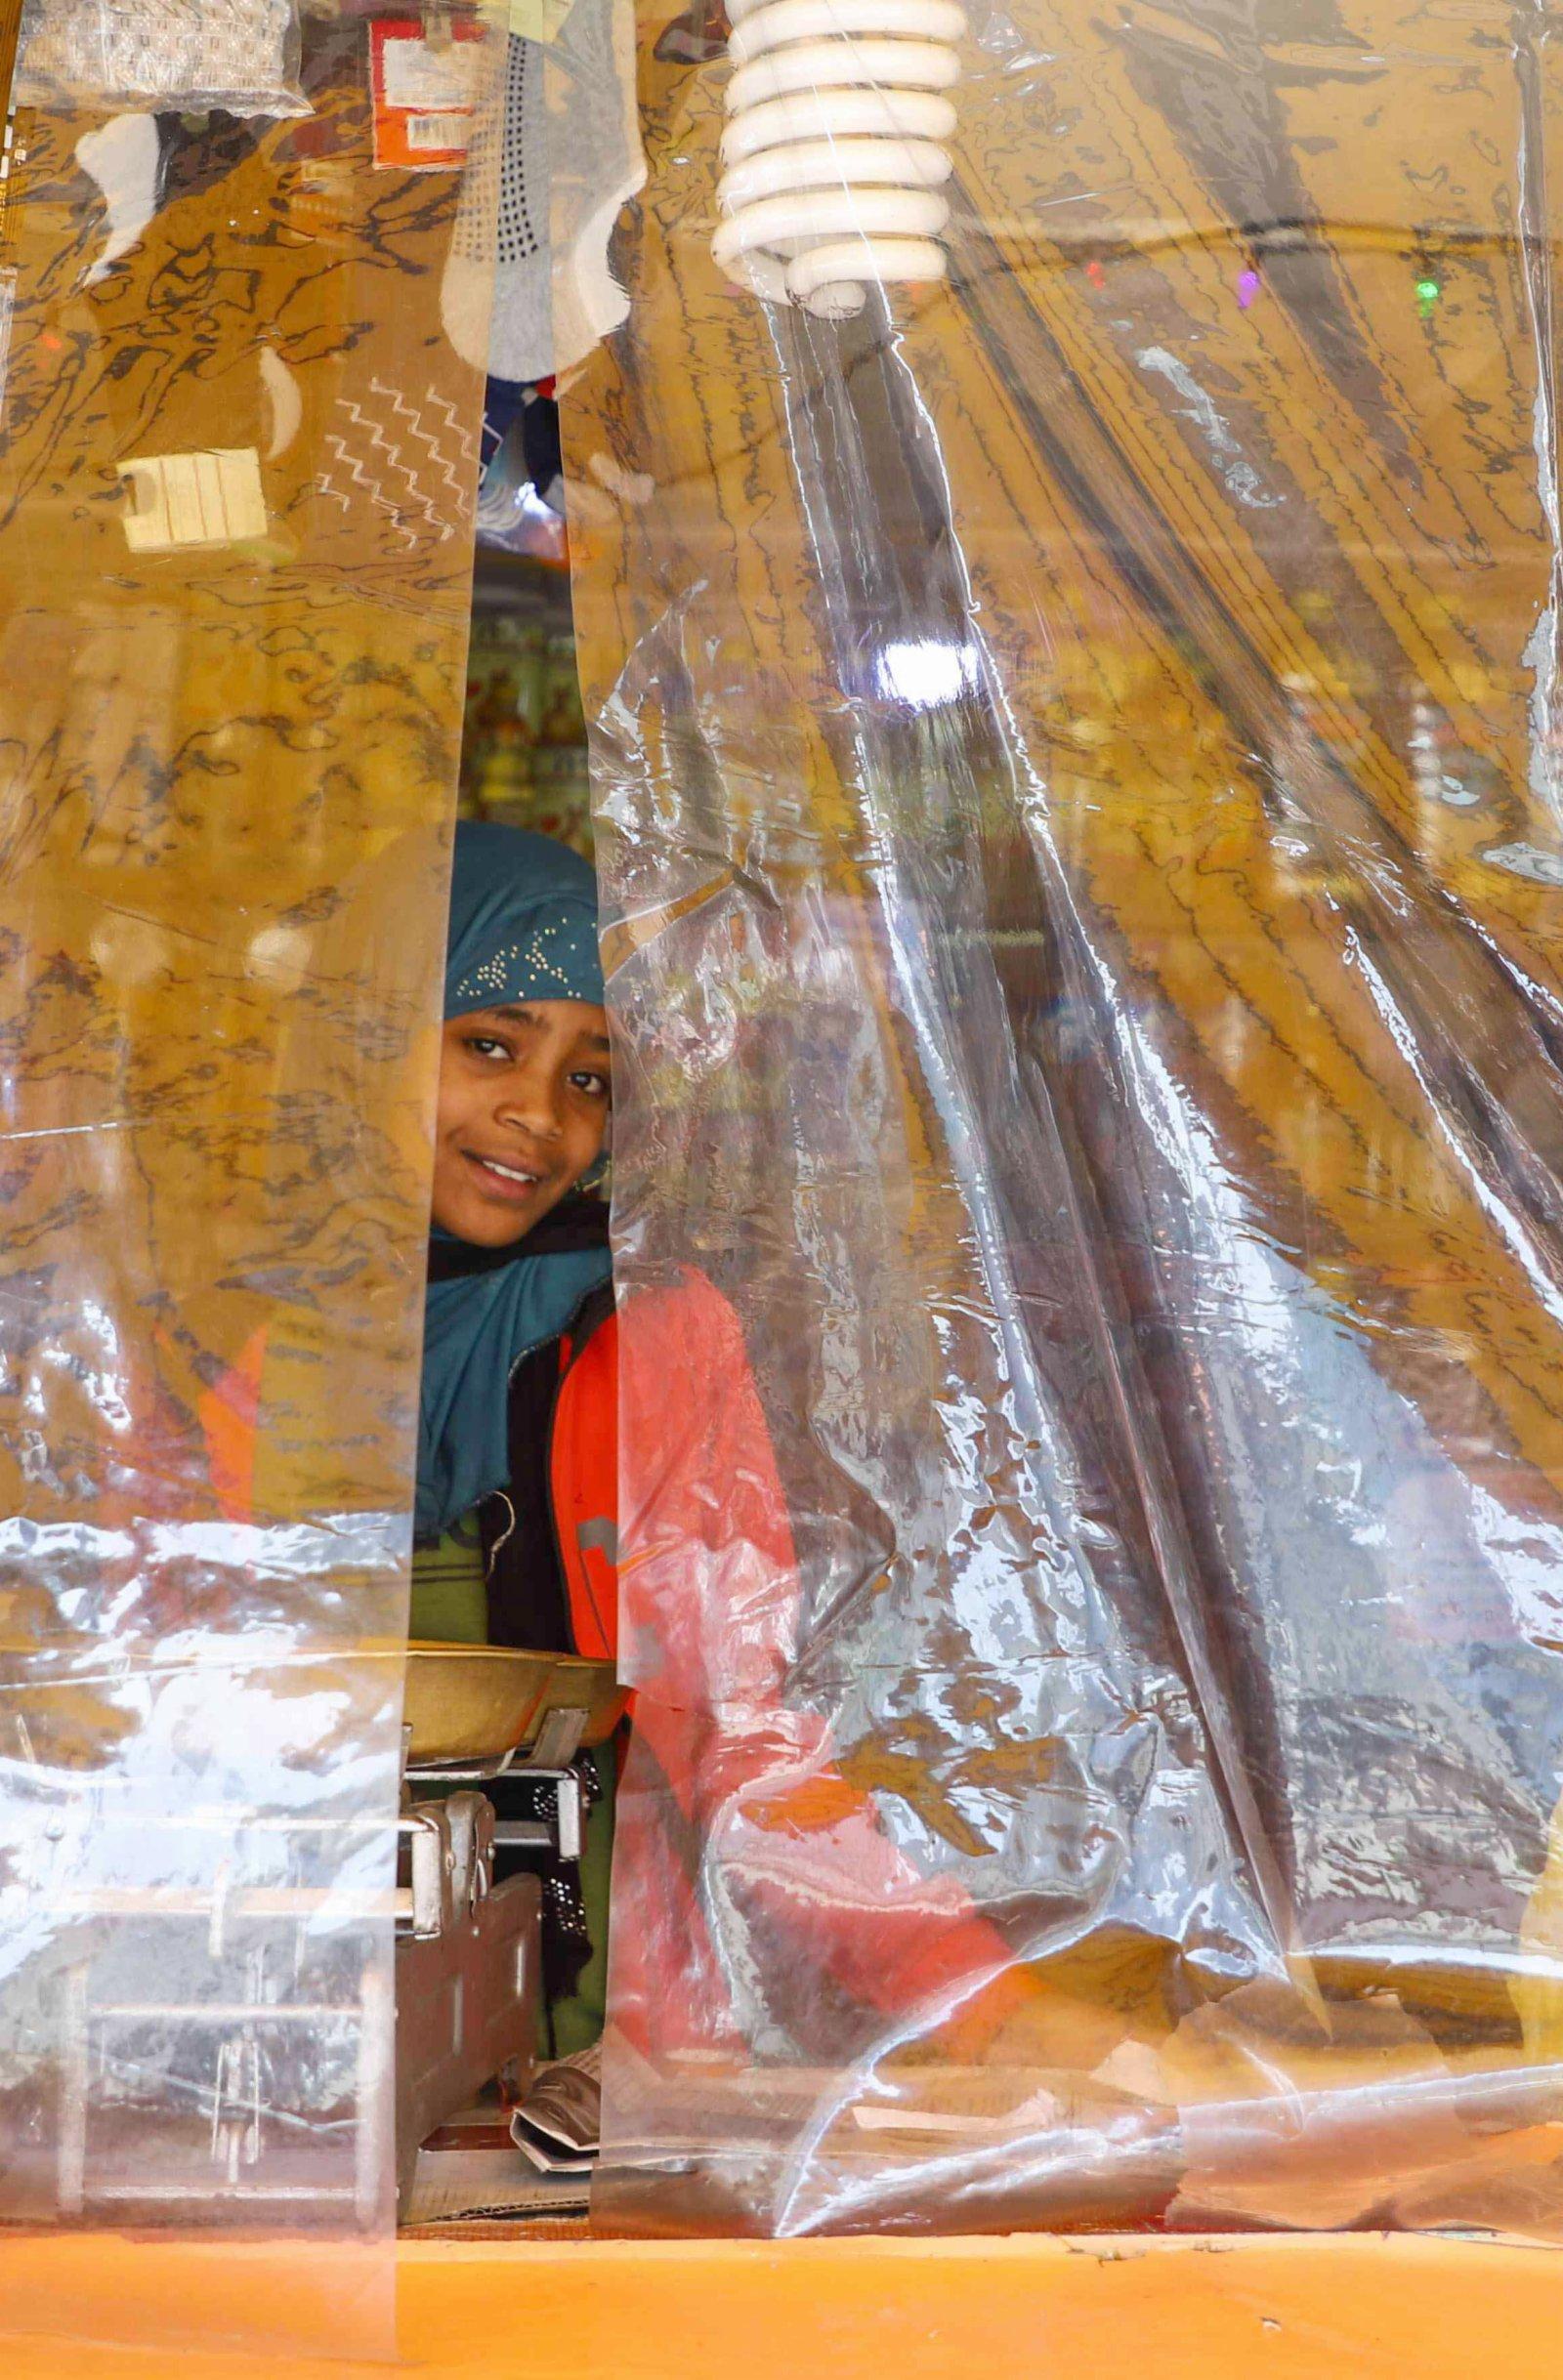 8月14日,在埃塞俄比亞首都亞的斯亞貝巴的一處店舖,一名小女孩透過被塑料膜遮擋的窗口向外張望。(新華社)